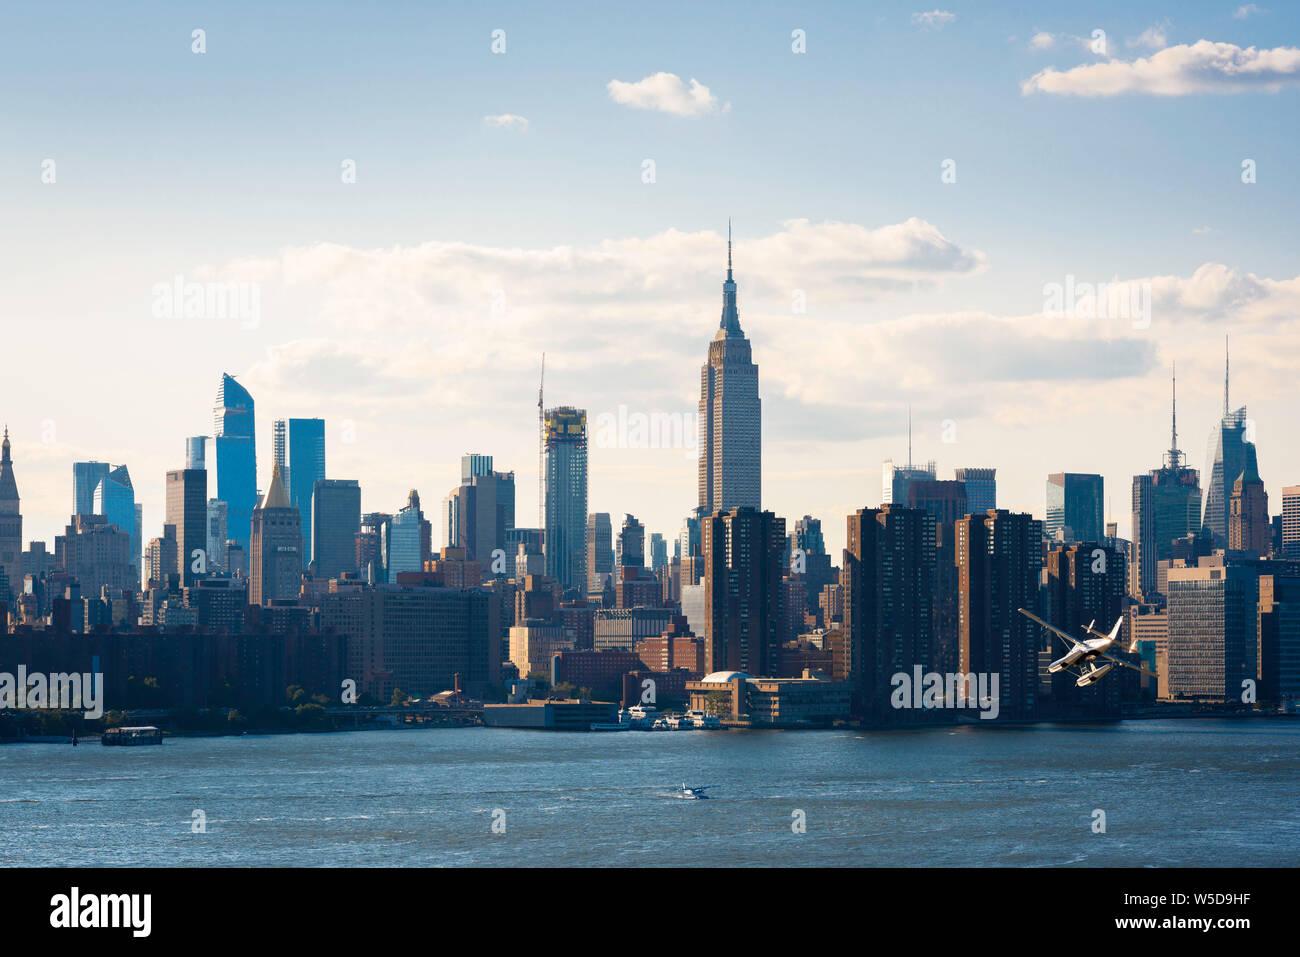 USA Stadt, mit Blick auf die Manhattan Skyline und Waterfront mit einem Wasserflugzeug absteigend zum East River, New York City, USA. Stockfoto